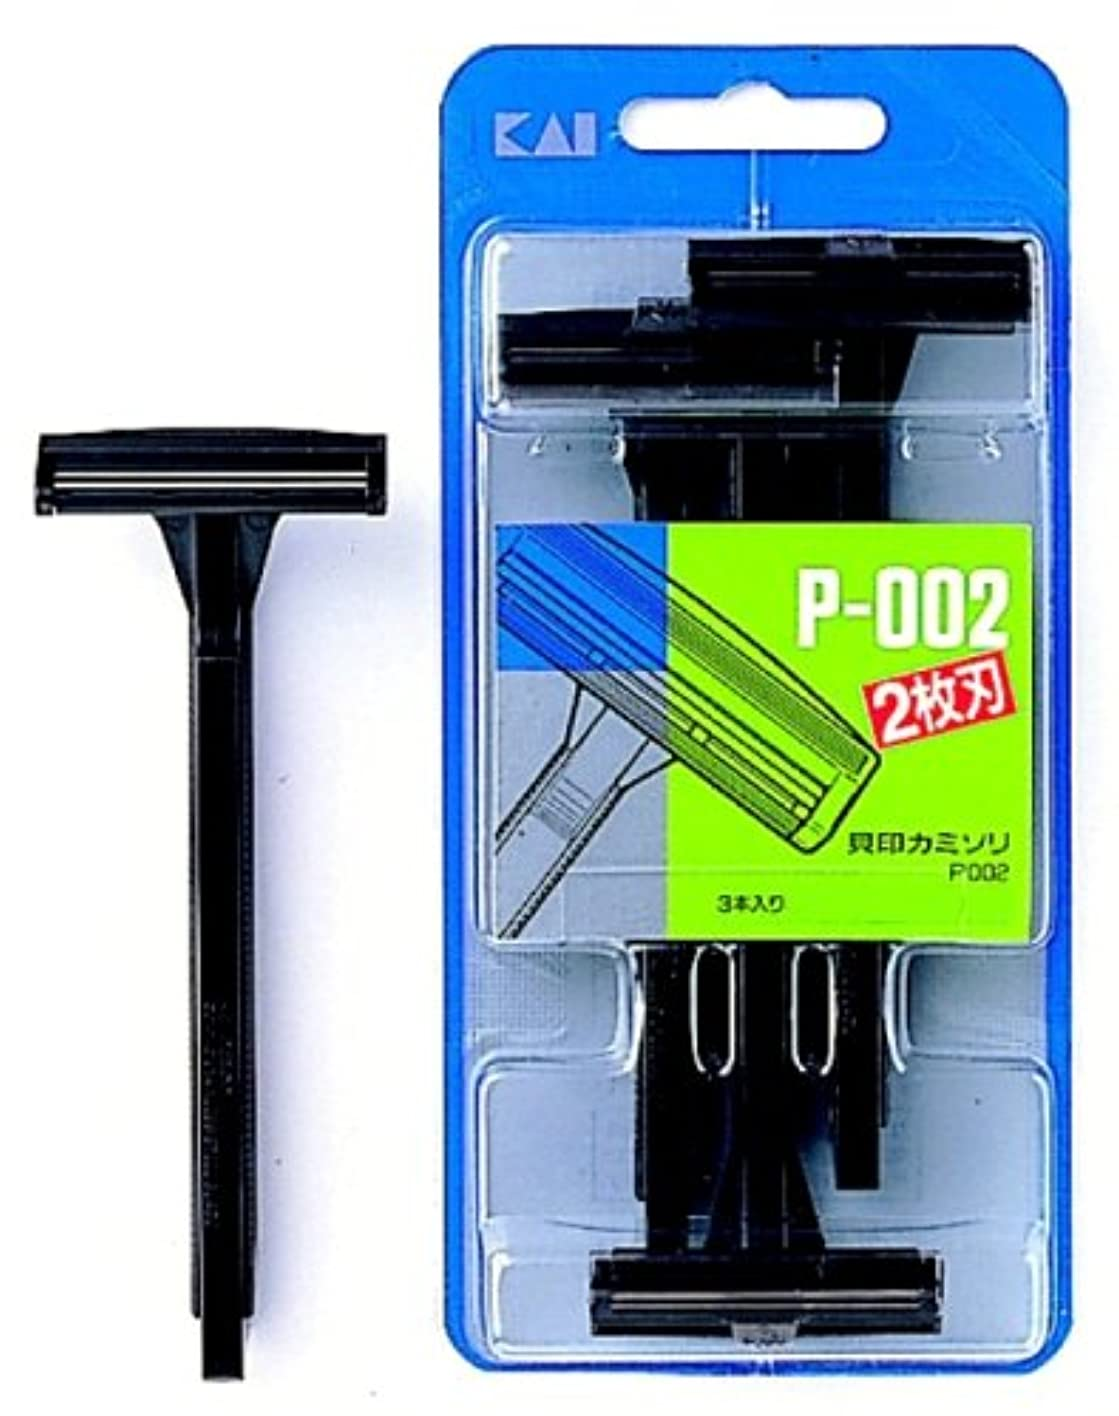 作りレビュージャンルカミソリ P002 P002-3B